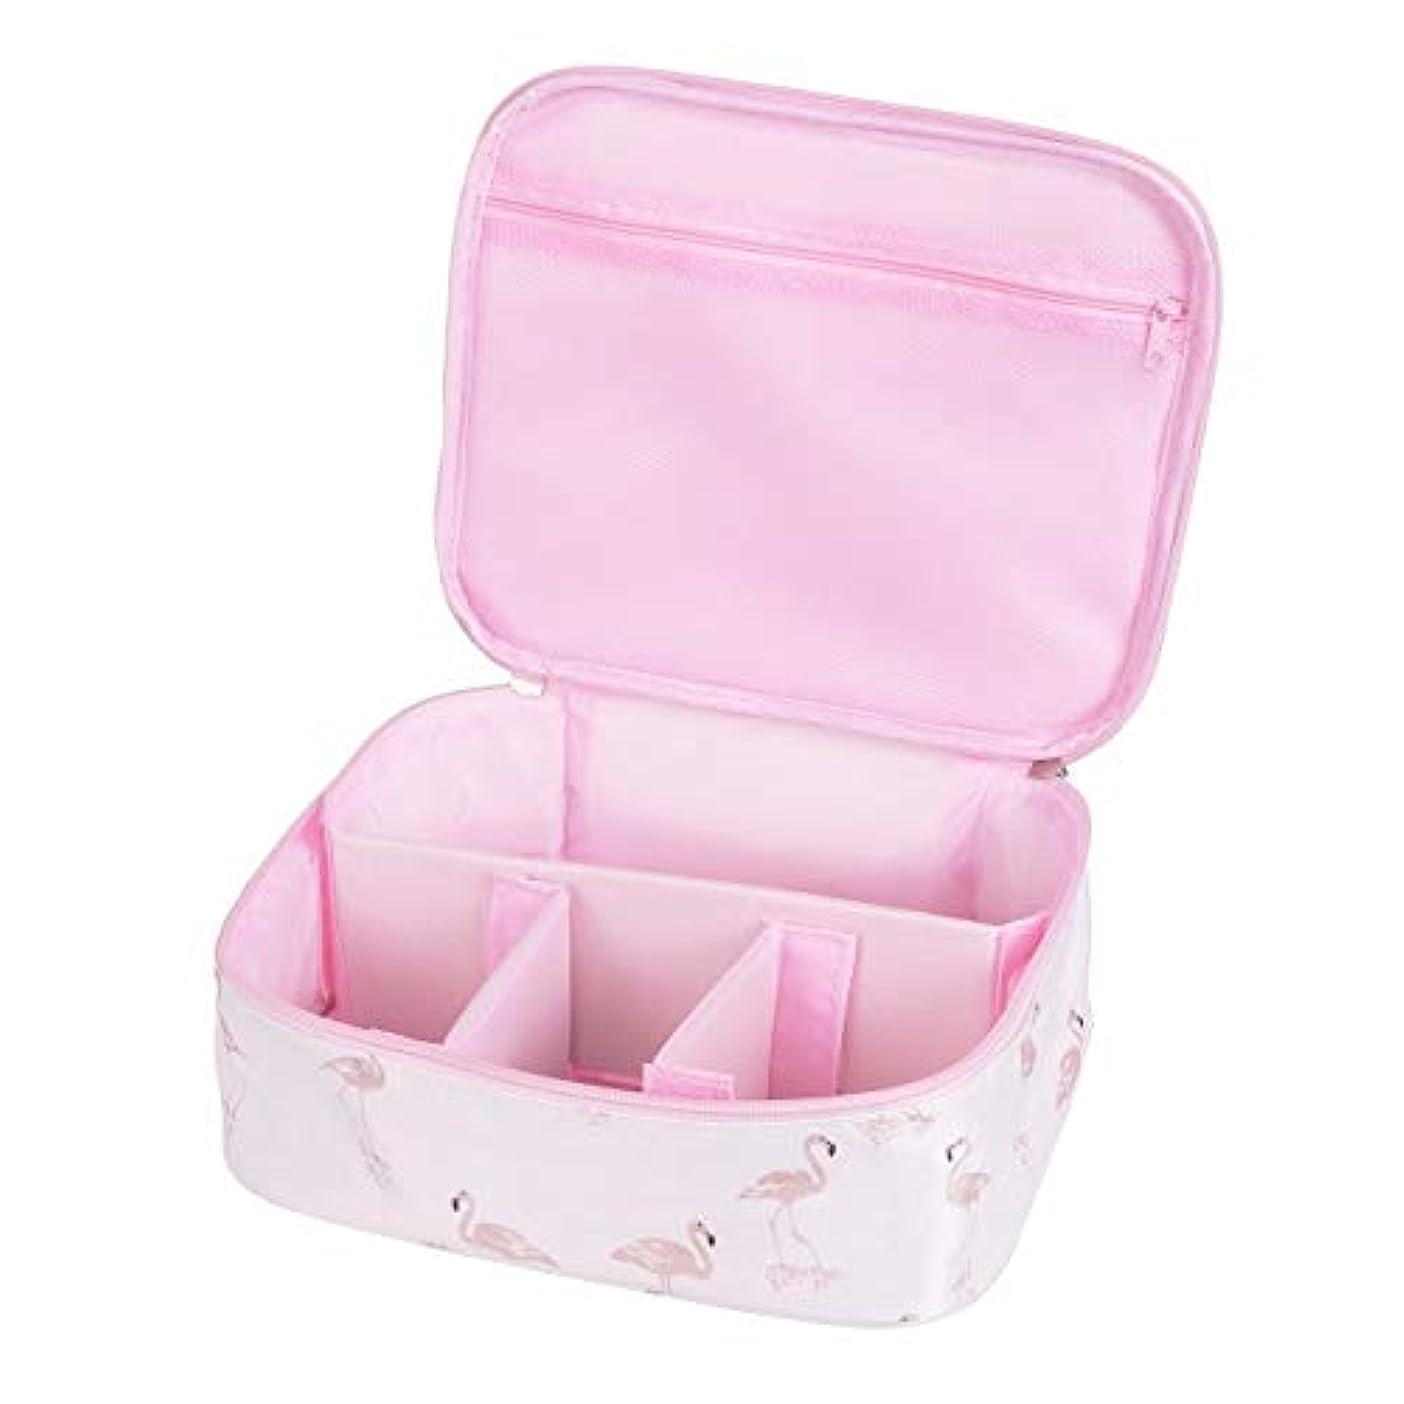 記念日変化する辞任[CAWKAY] メイクボックス 旅行用化粧ケース コスメ バッグ ボックス トラベル化粧ポーチ メイクブラシ 小物入れ 収納